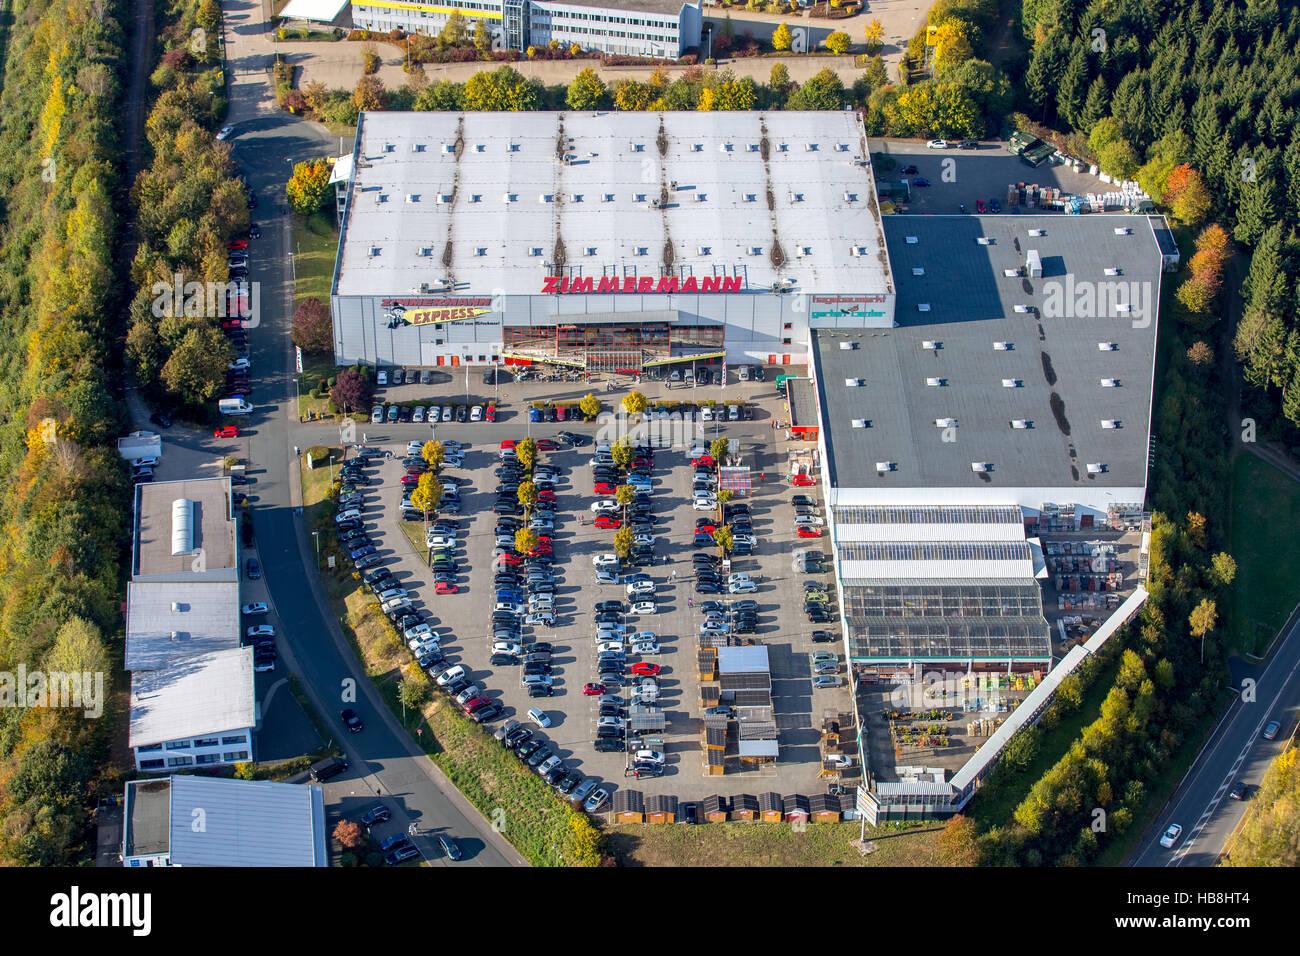 Luftaufnahme Möbel Zimmermann Gmbh Co Kg Hagebaumarkt